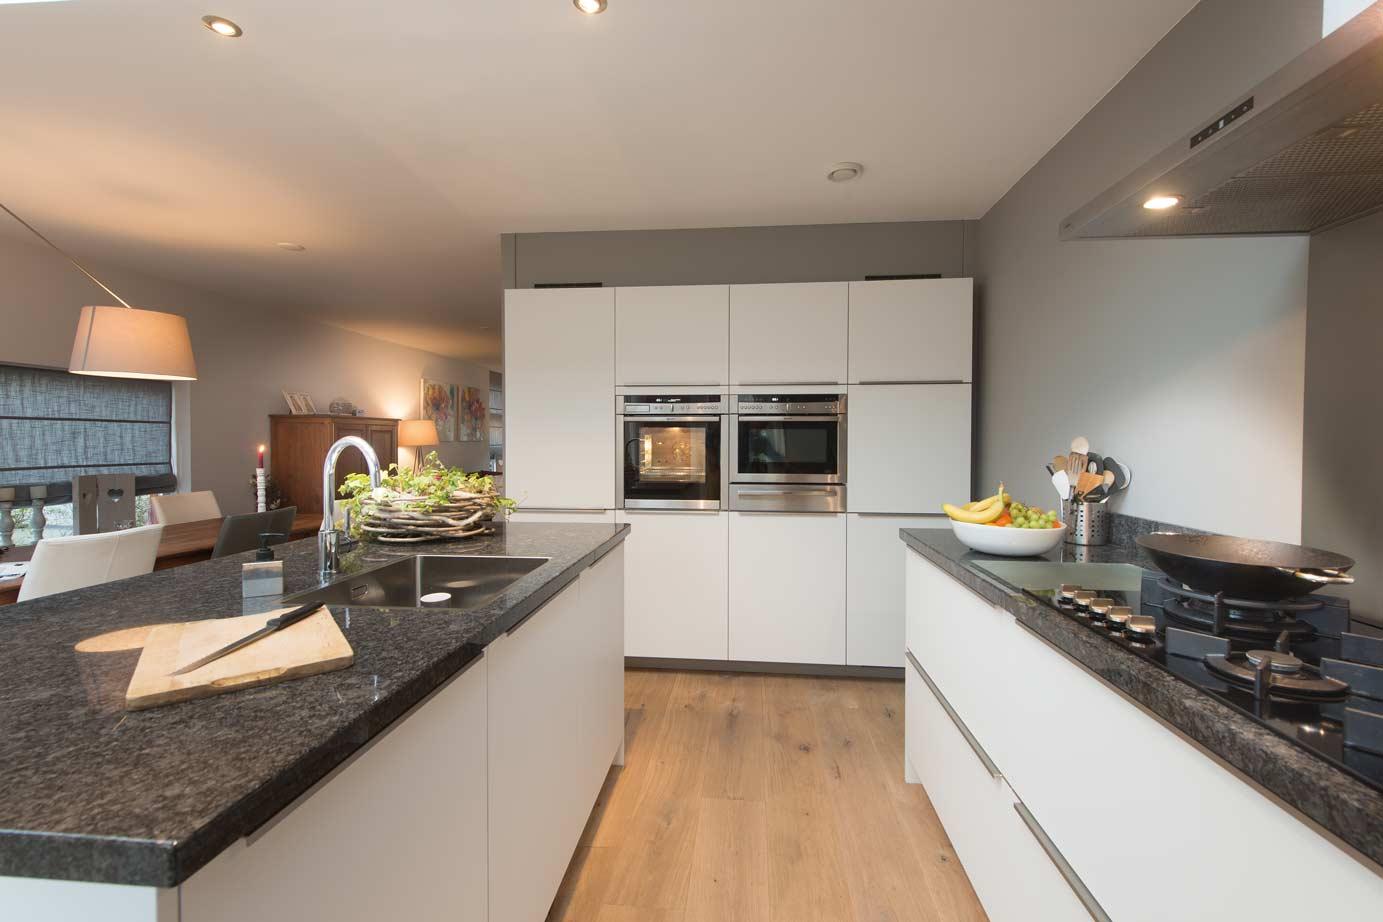 Zwevende Keuken Showroom : Moderne keukens: onderscheid jezelf met strak design – DB Keukens